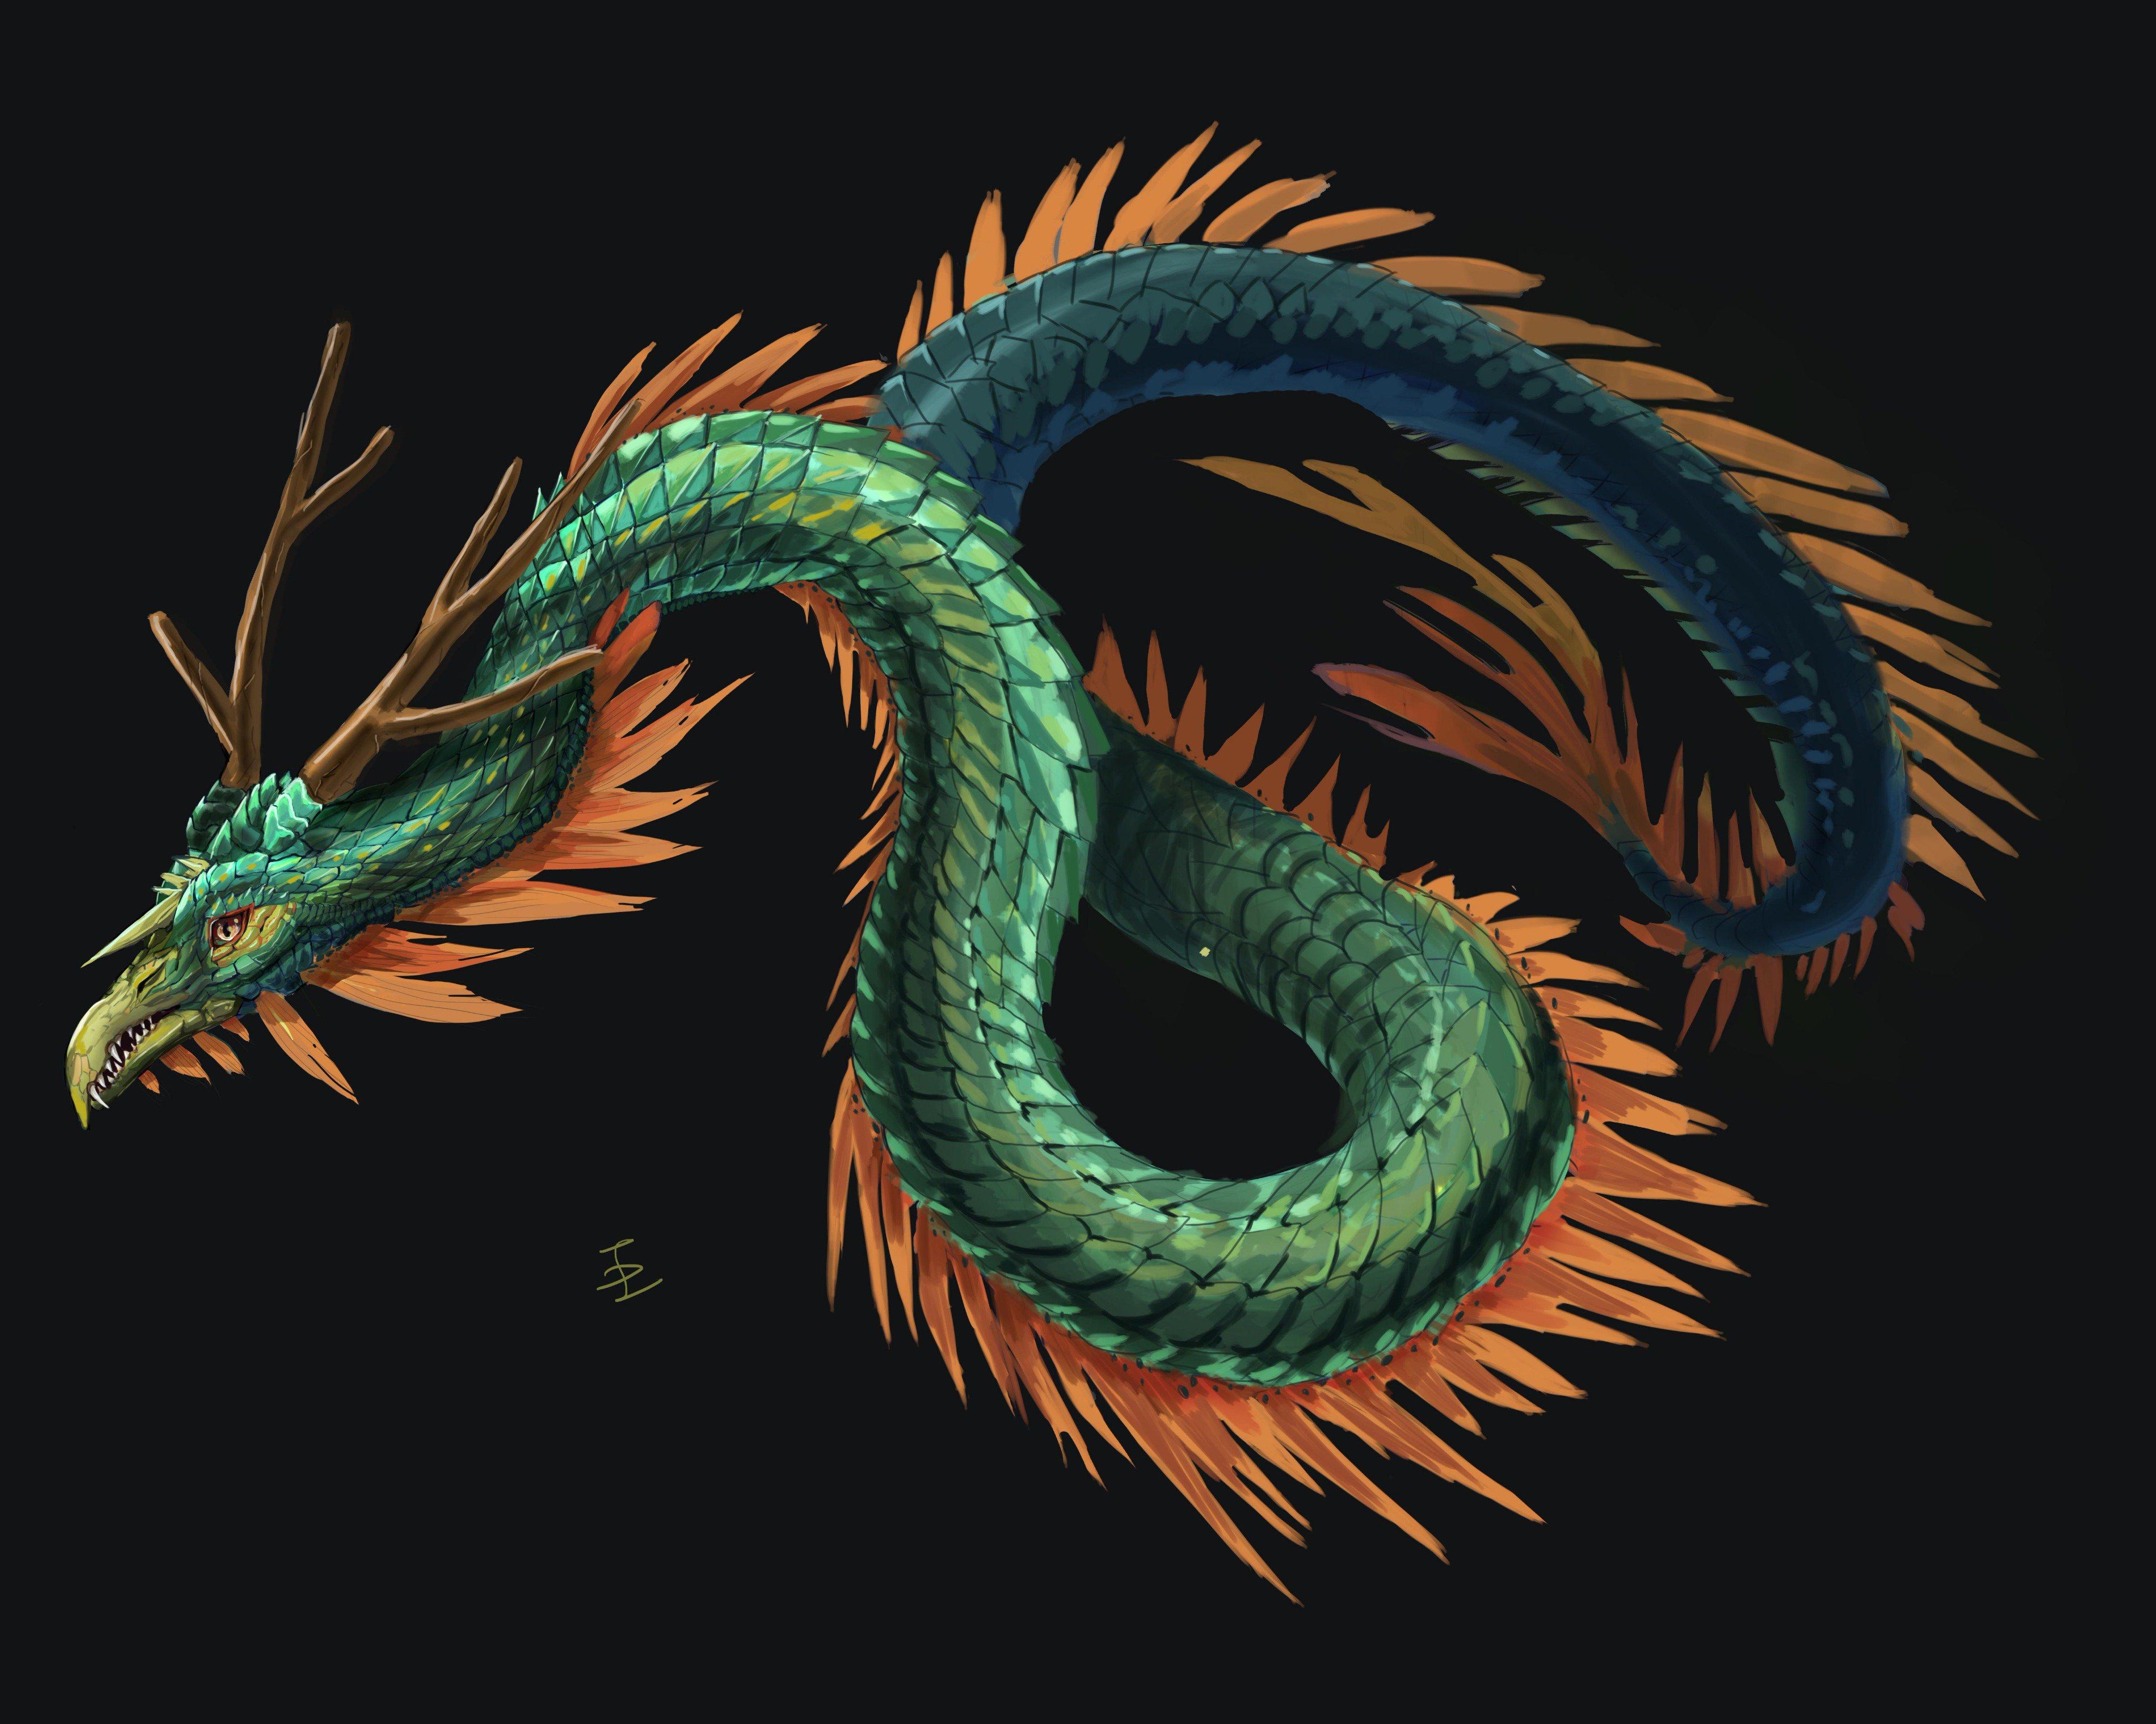 옥색 뱀같은 용